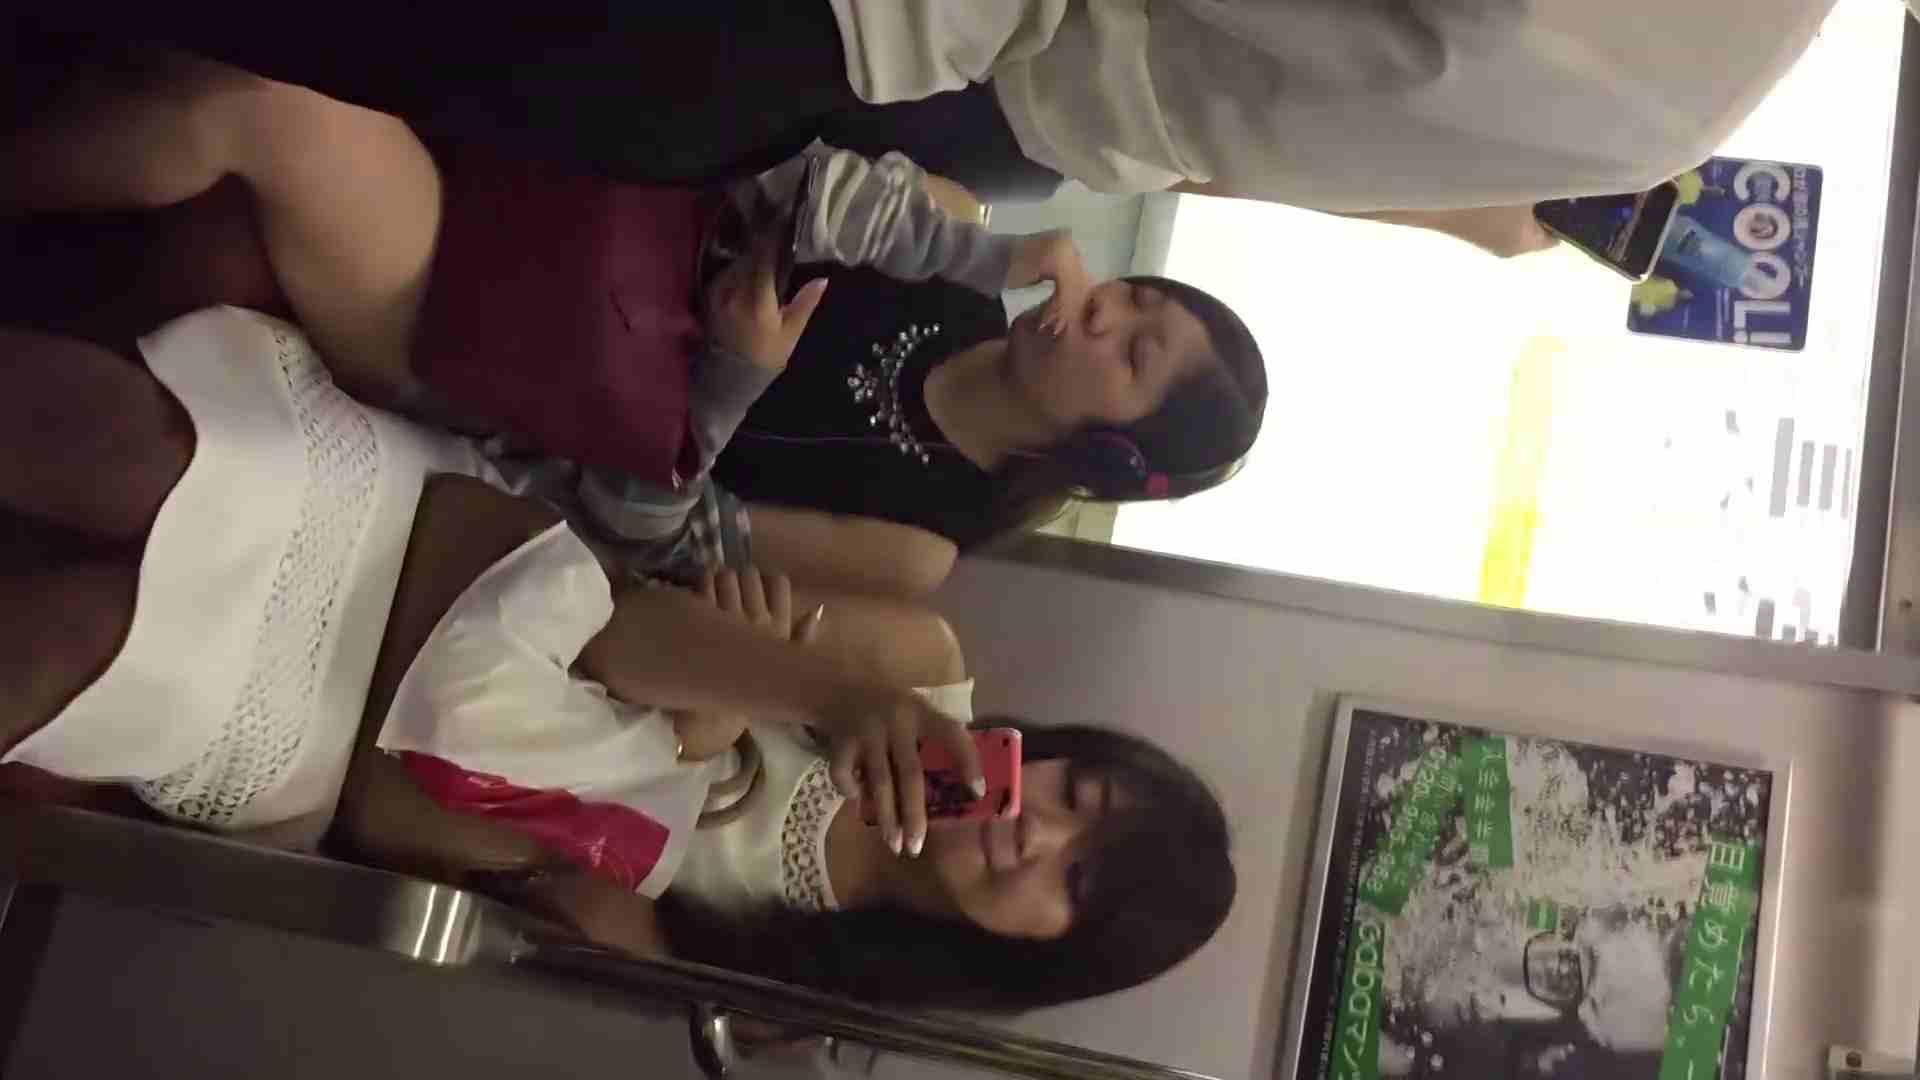 盗撮列車 vol.07 白スカートの中は爽やかな… OLの実態  80pic 12